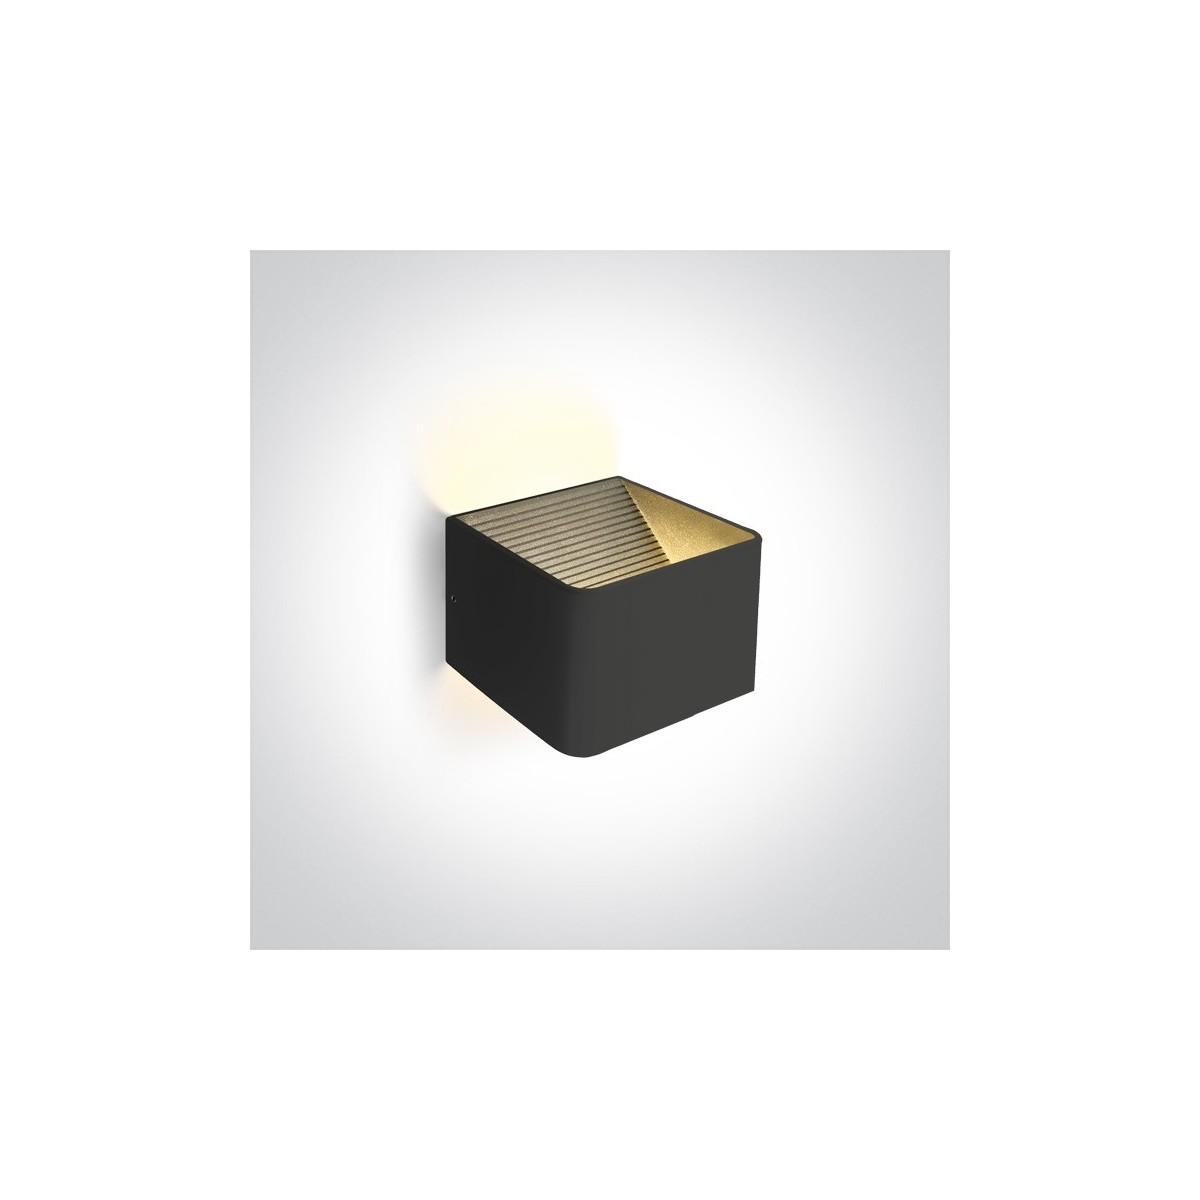 One Light nowoczesna lampa ścienna kinkiet czarny kostka Geraki 67466A/B/W